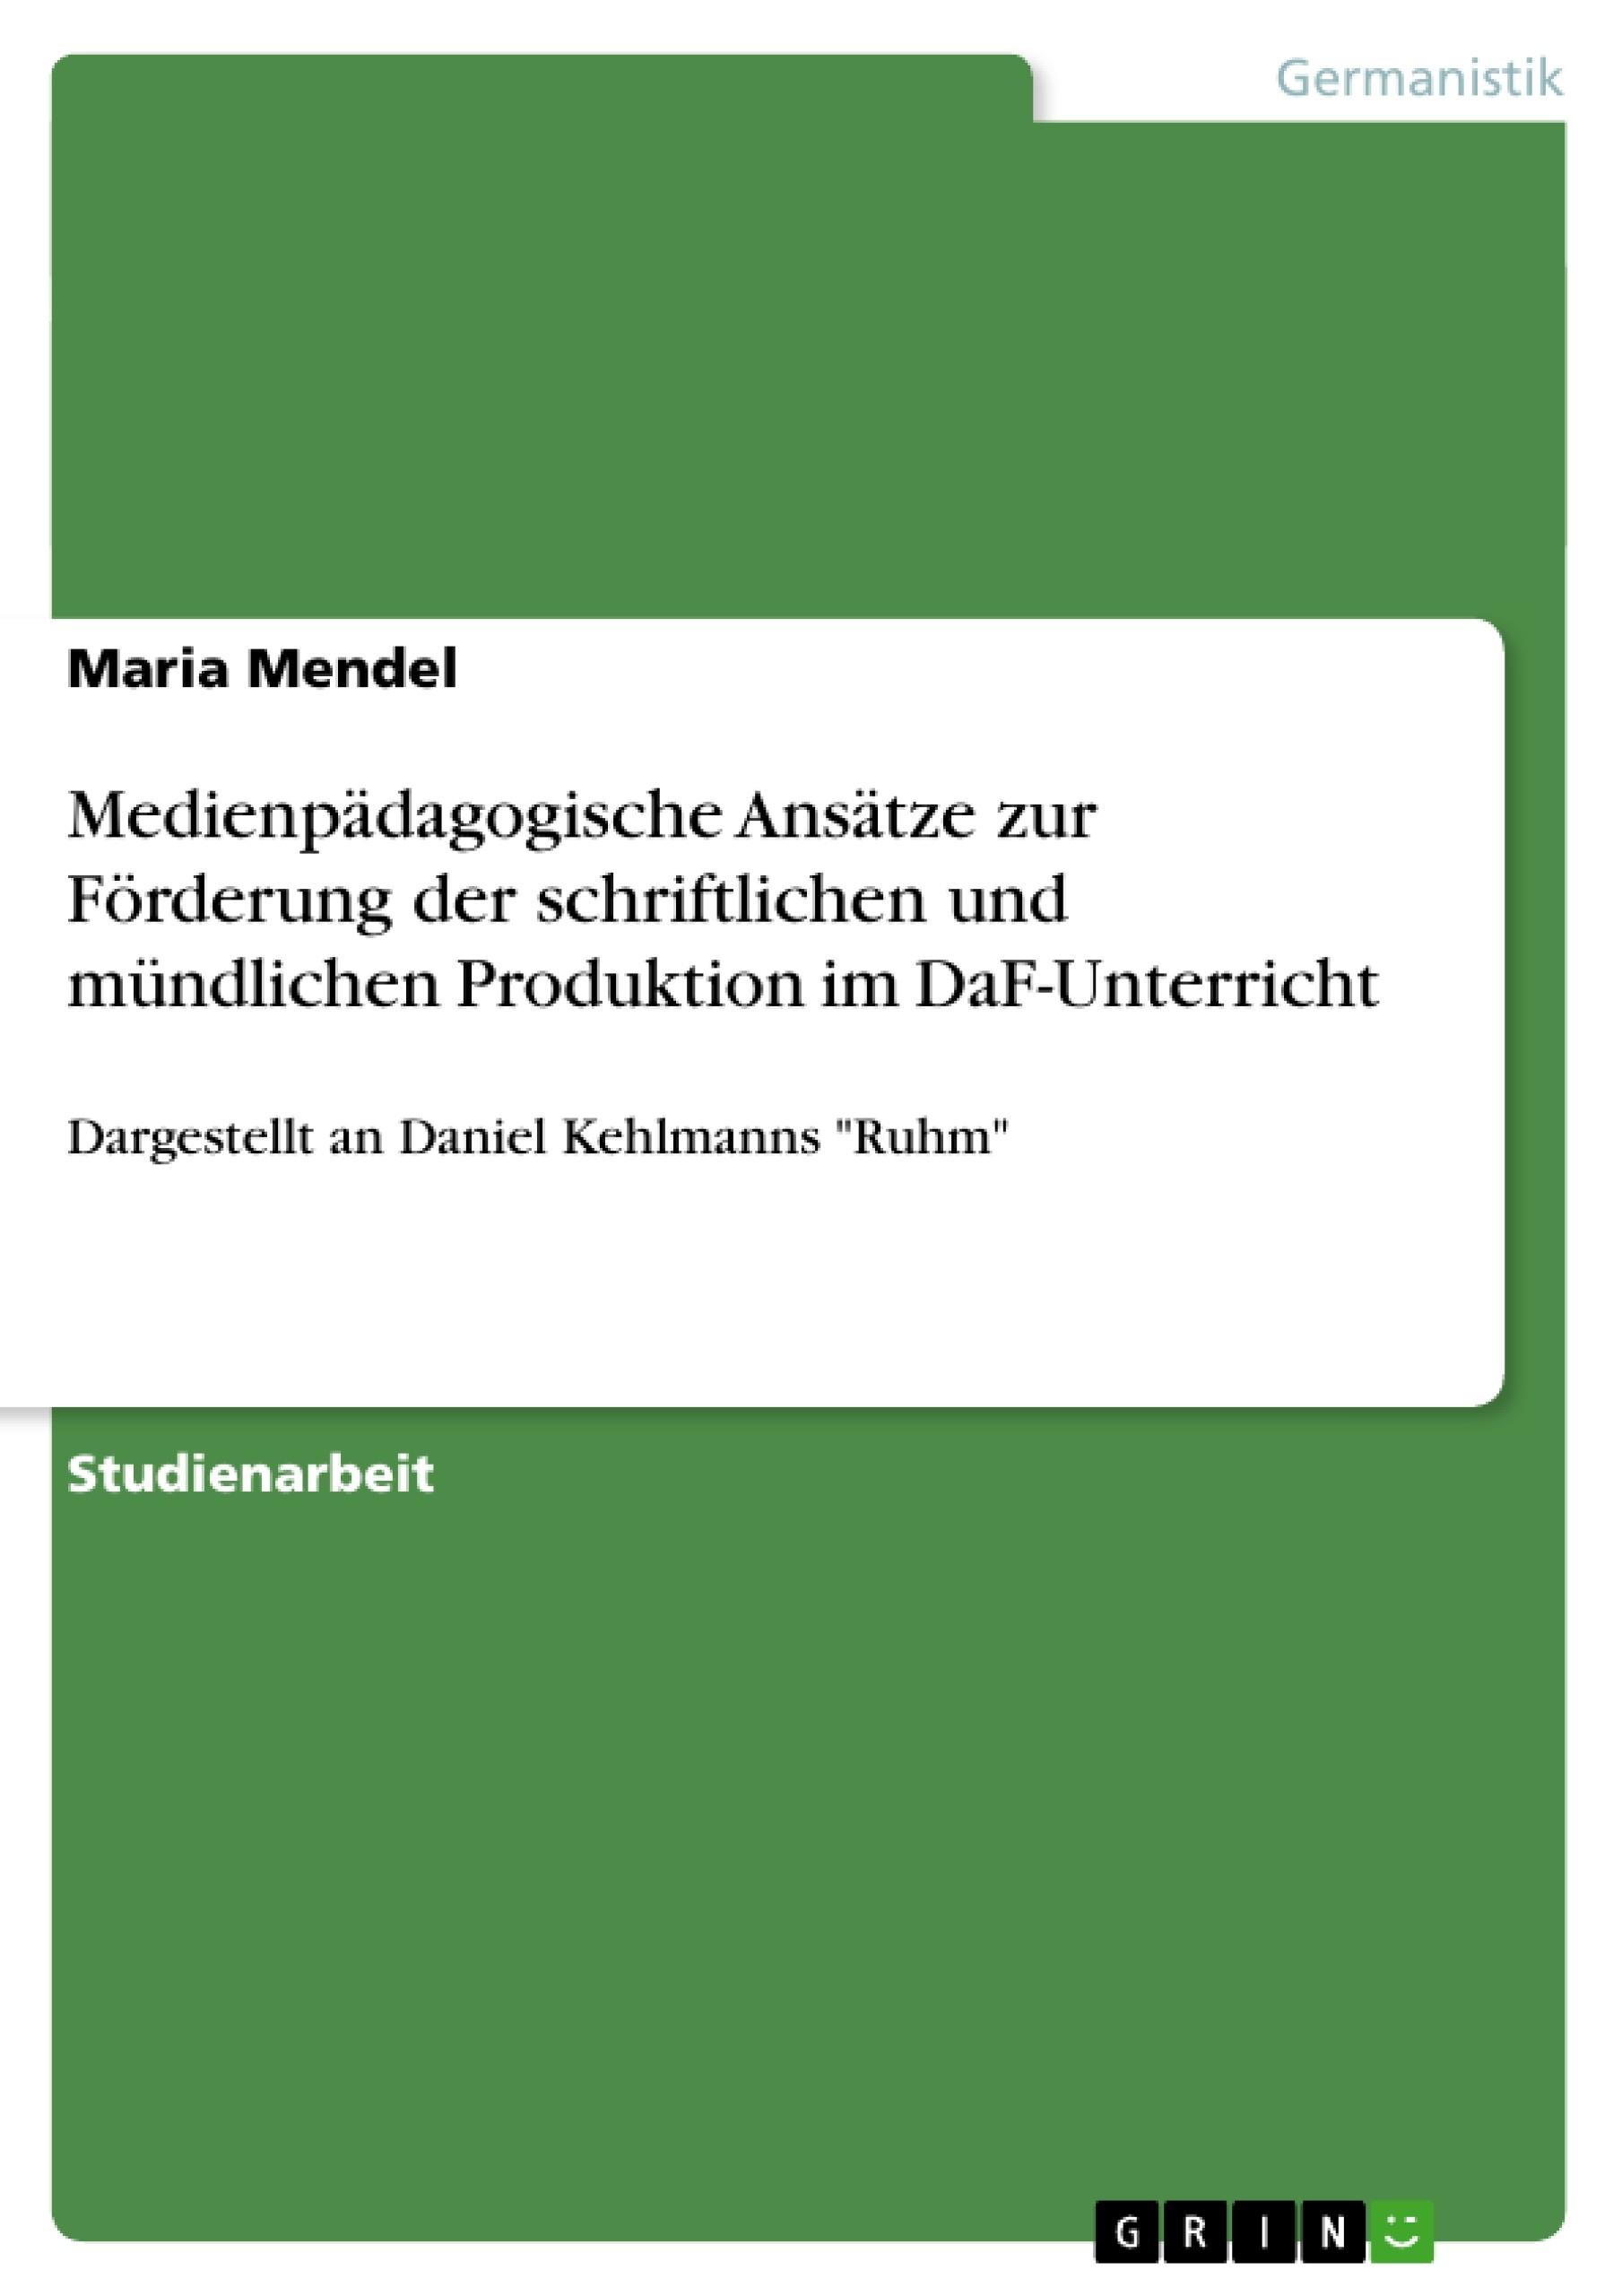 Titel: Medienpädagogische Ansätze zur Förderung der schriftlichen und mündlichen Produktion im DaF-Unterricht